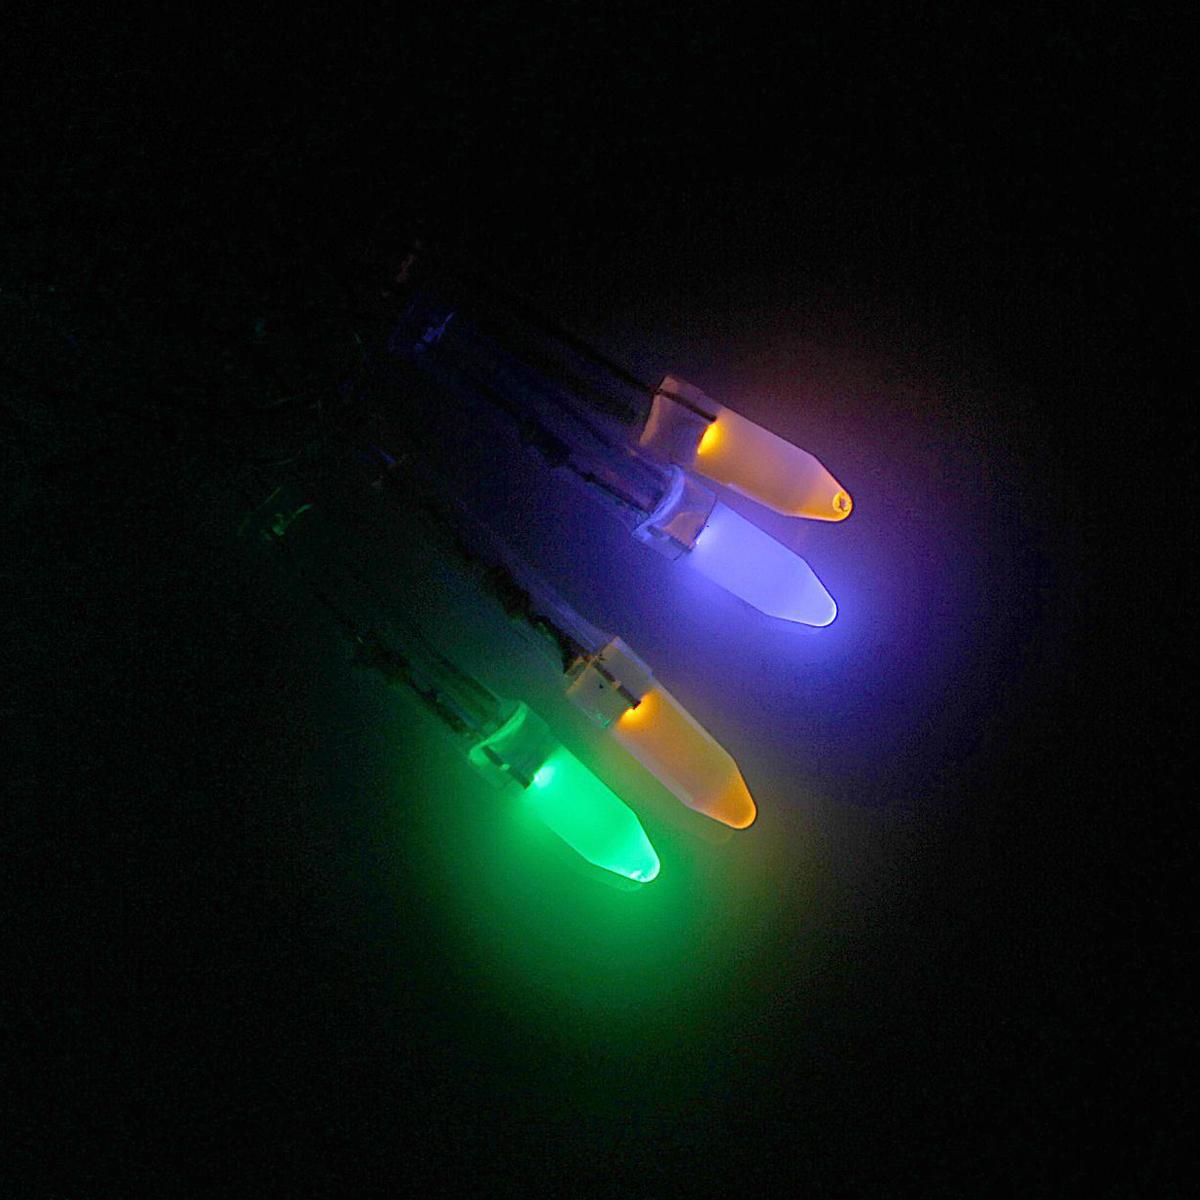 Гирлянда светодиодная Luazon Метраж. Игла, 8 режимов, 50 ламп, 220 V, 5 м, цвет: мультиколор. 10805101080510Светодиодные гирлянды, ленты и т.д. — это отличный вариант для новогоднего оформления интерьера или фасада. С их помощью помещение любого размера можно превратить в праздничный зал, а внешние элементы зданий, украшенные ими, мгновенно станут напоминать очертания сказочного дворца. Такие украшения создают ауру предвкушения чуда. Деревья, фасады, витрины, окна и арки будто специально созданы, чтобы вы украсили их светящимися нитями.